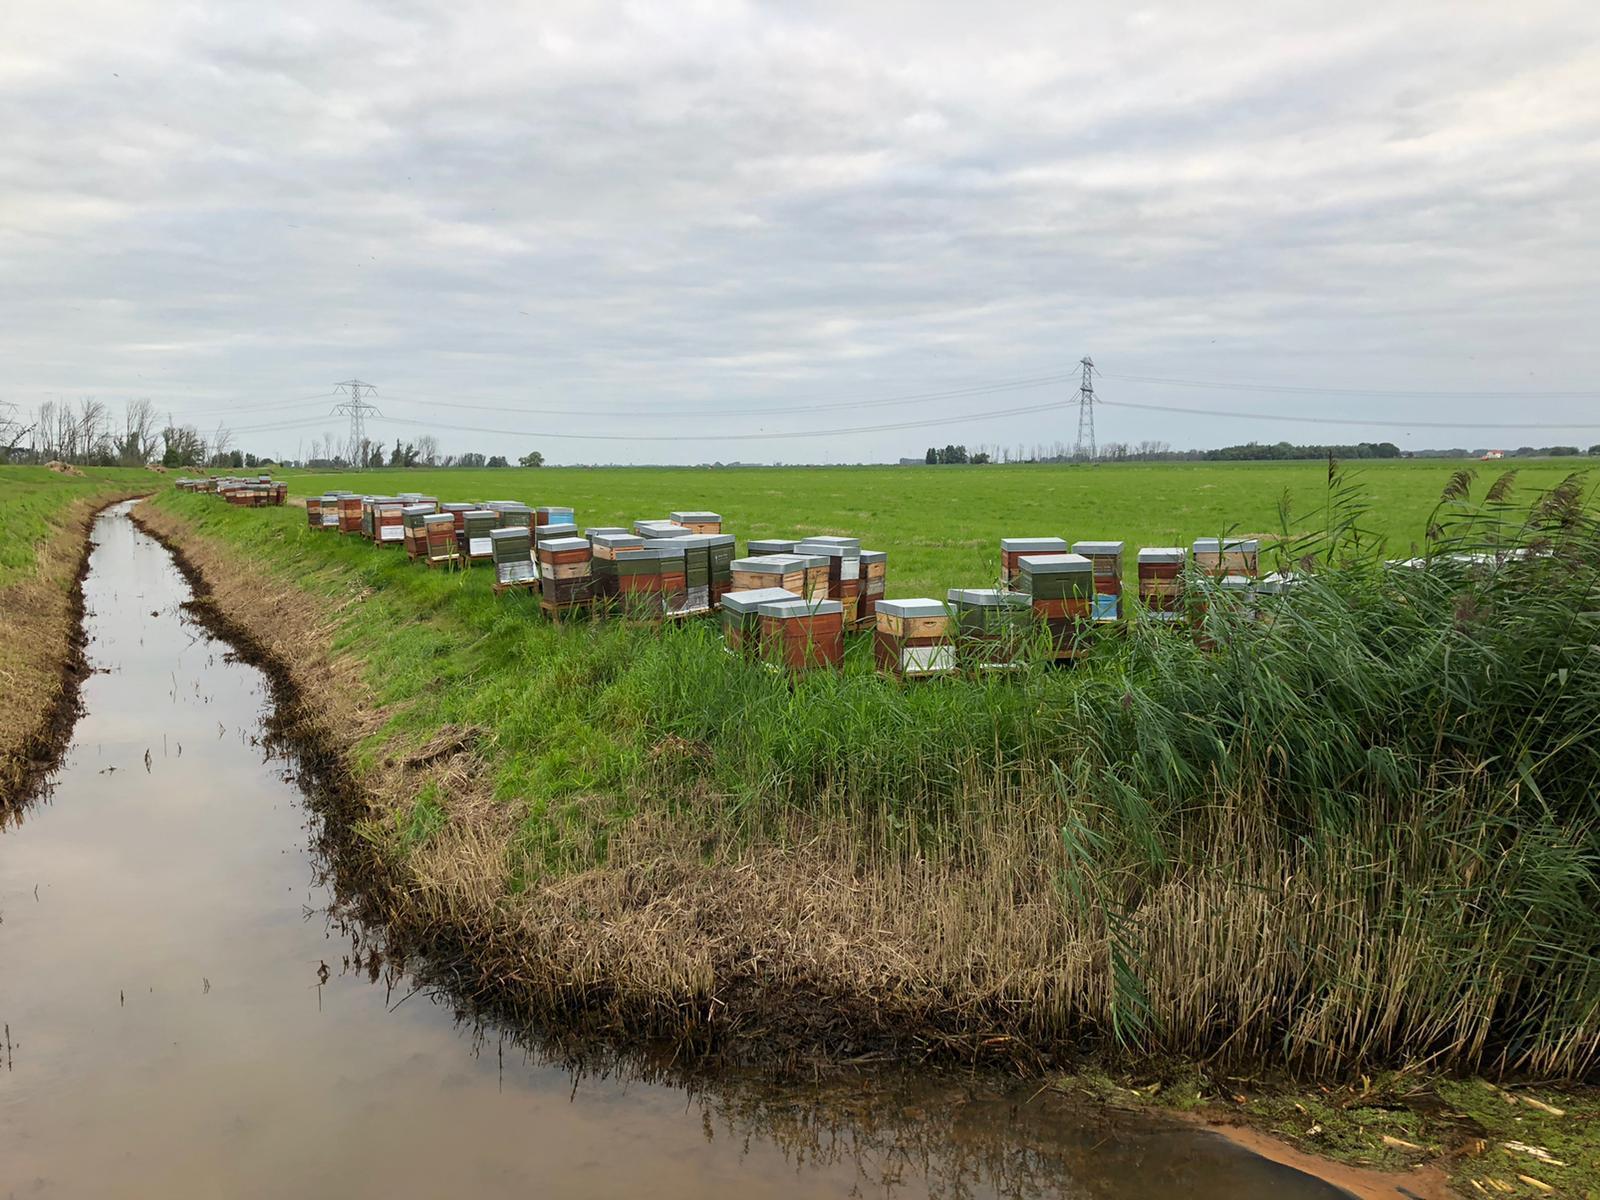 Bijenkasten bij de Biesbosch